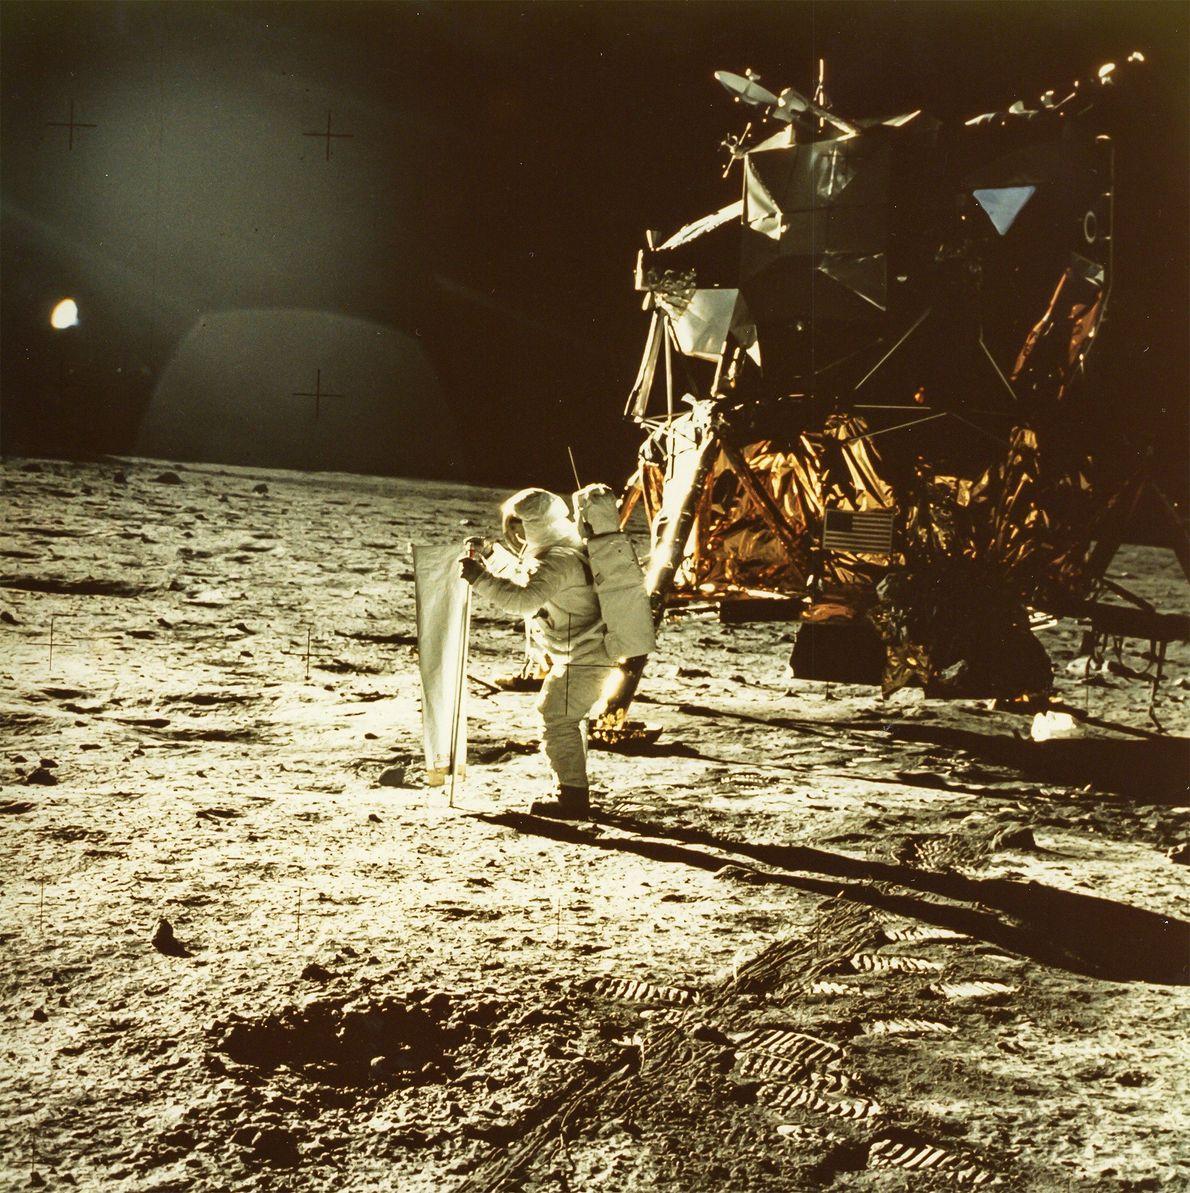 El astronauta Neil Armstrong sacó esta foto de Buzz Aldrin durante la misión de la Apolo ...